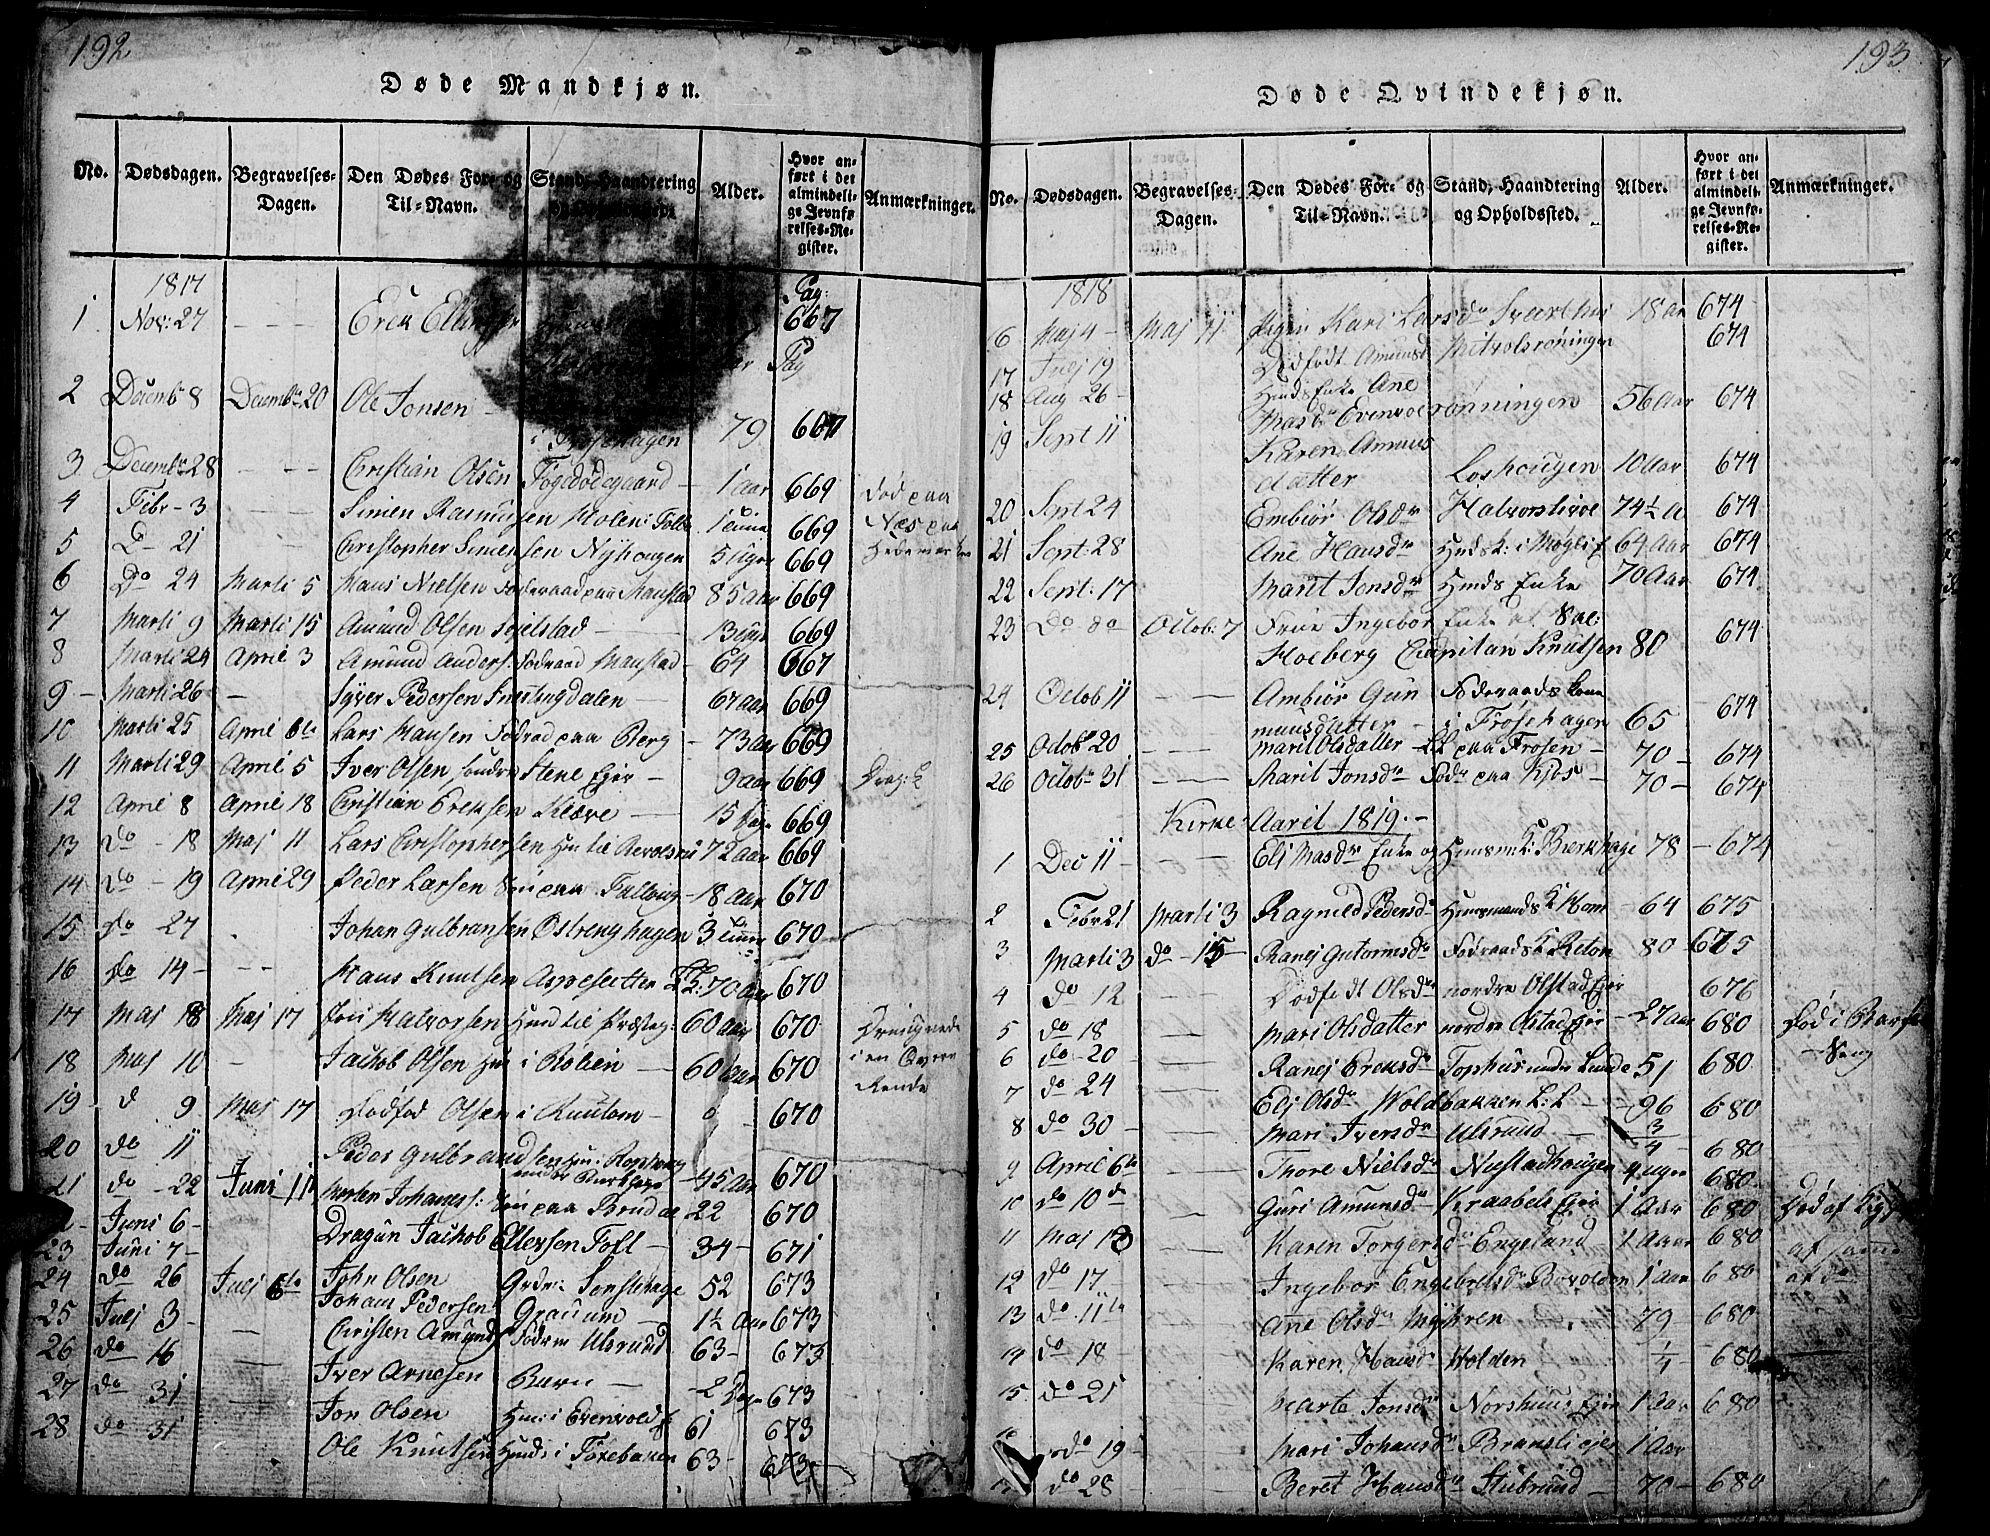 SAH, Gausdal prestekontor, Klokkerbok nr. 1, 1817-1848, s. 192-193